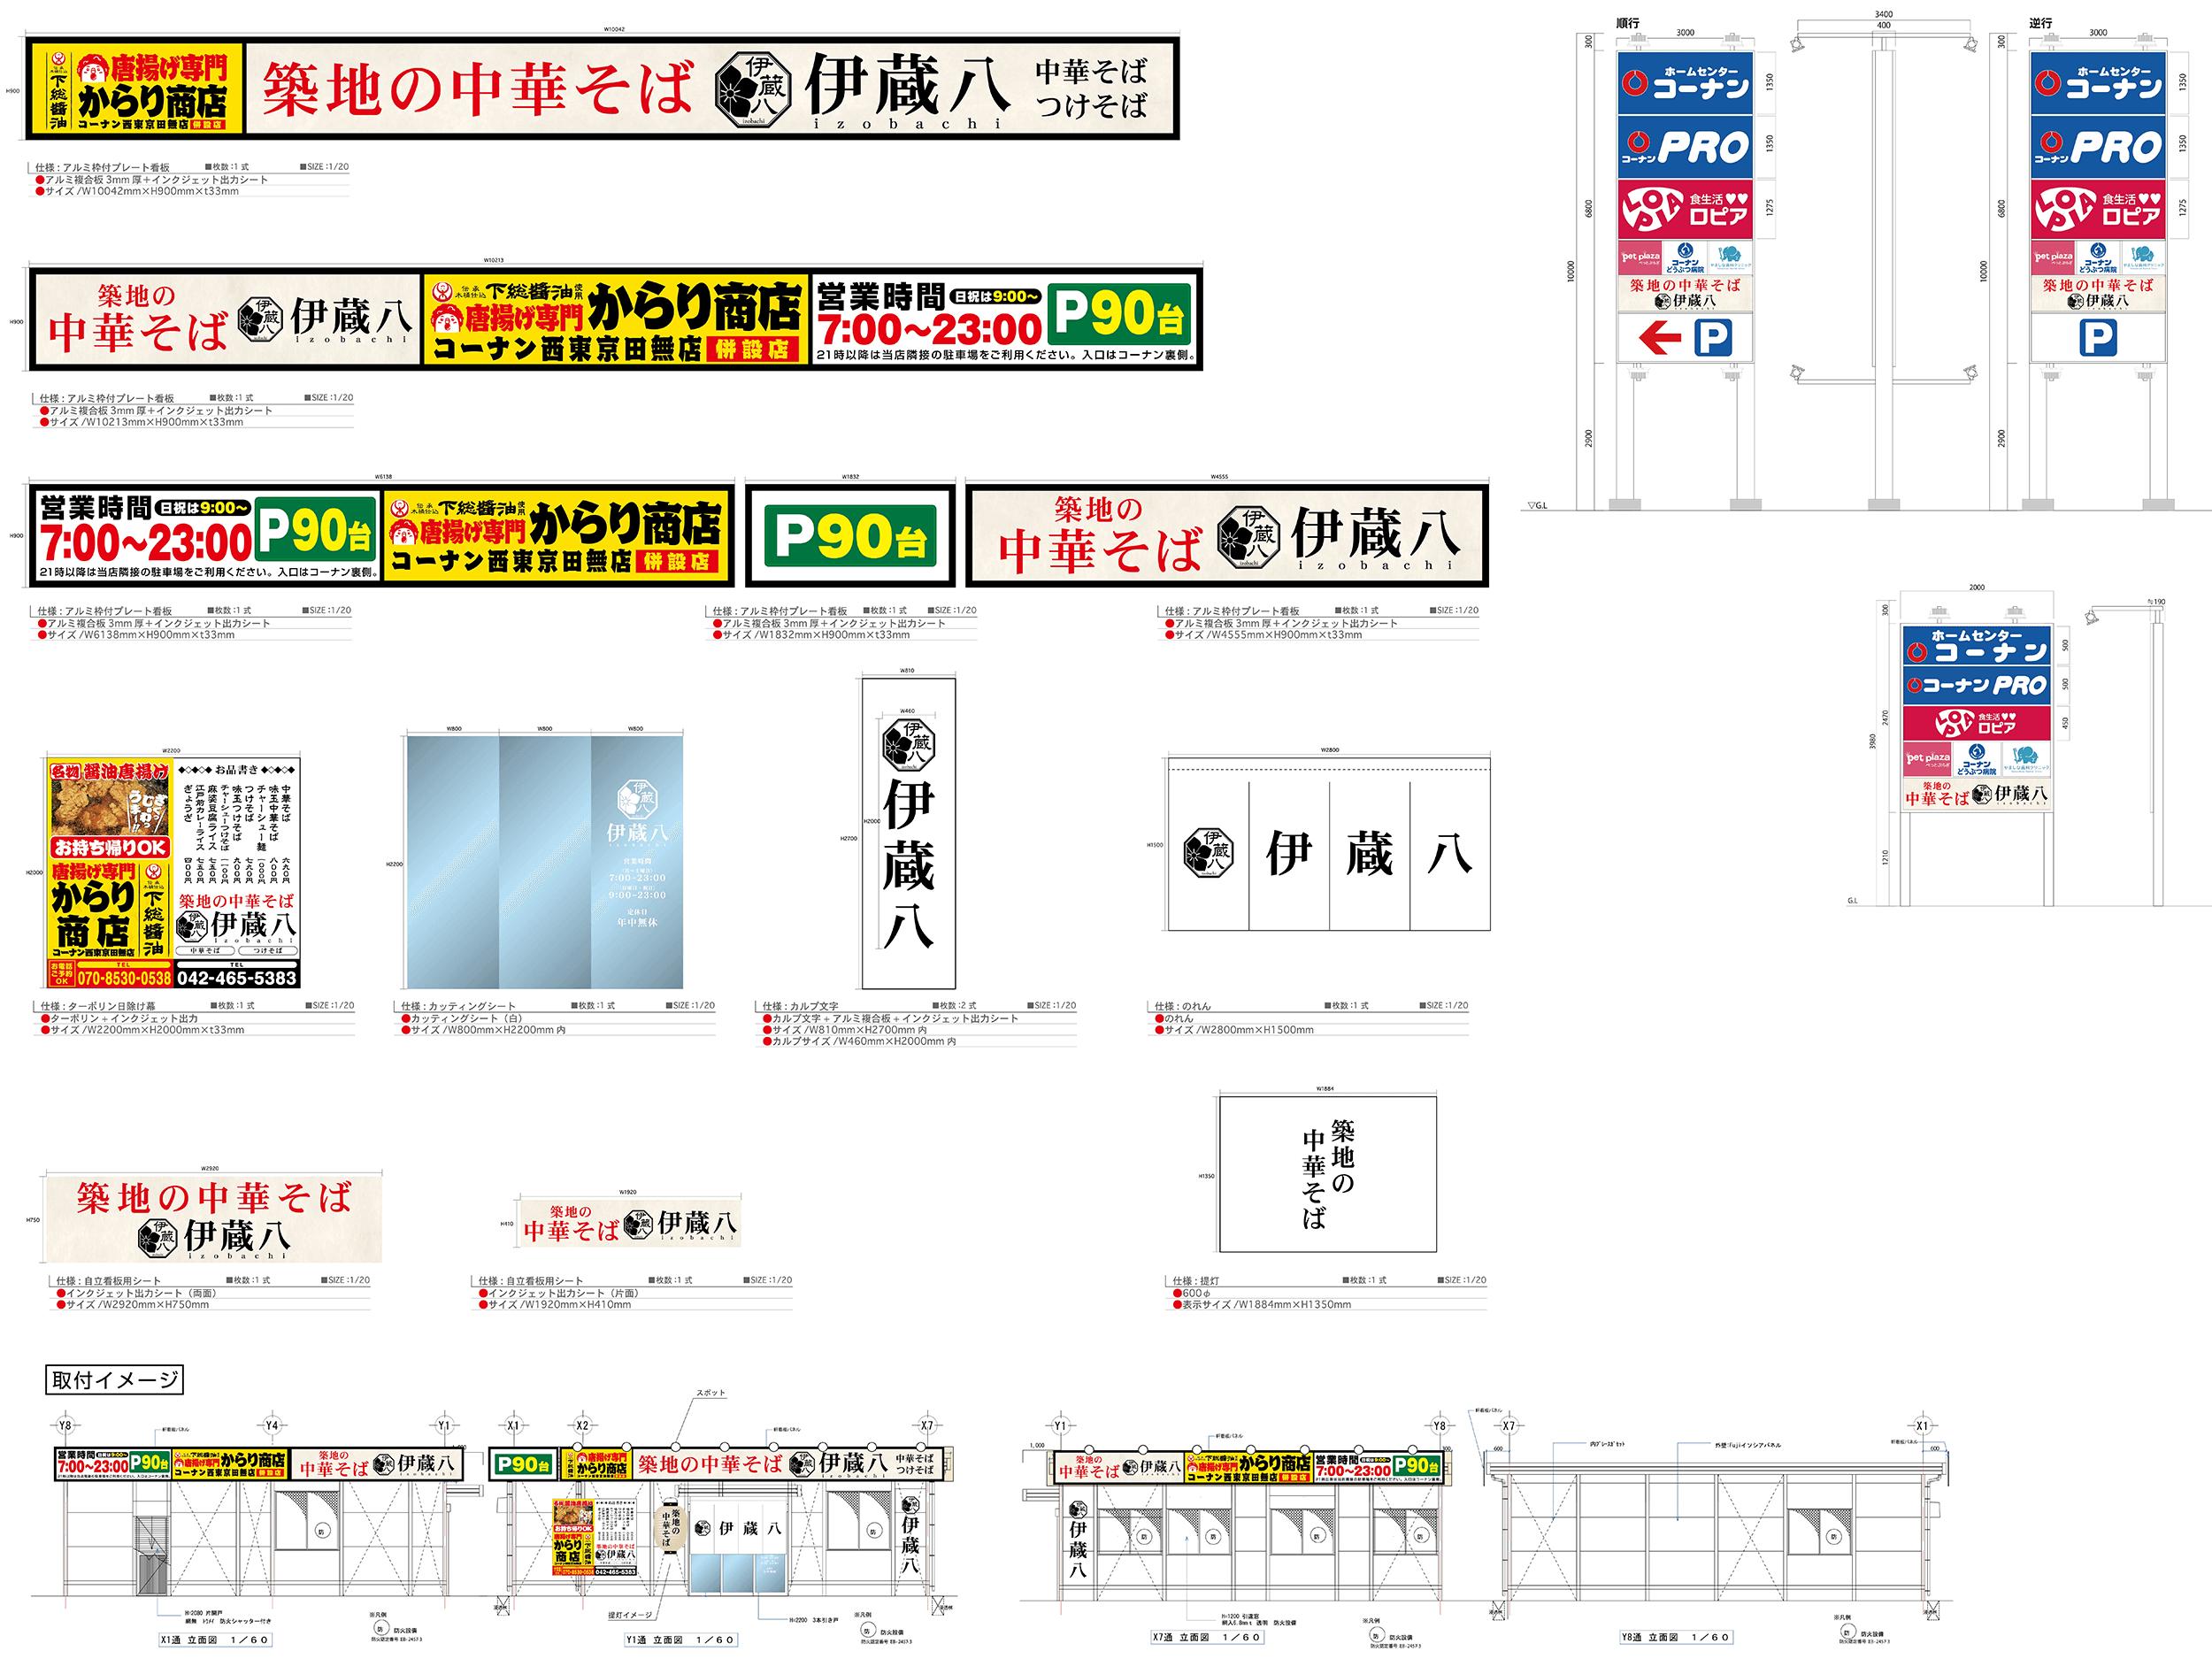 ファサード・壁面看板施工事例写真 東京都 商業施設内にラーメン店出店のためのデザインからサイン工事までお願いしたい